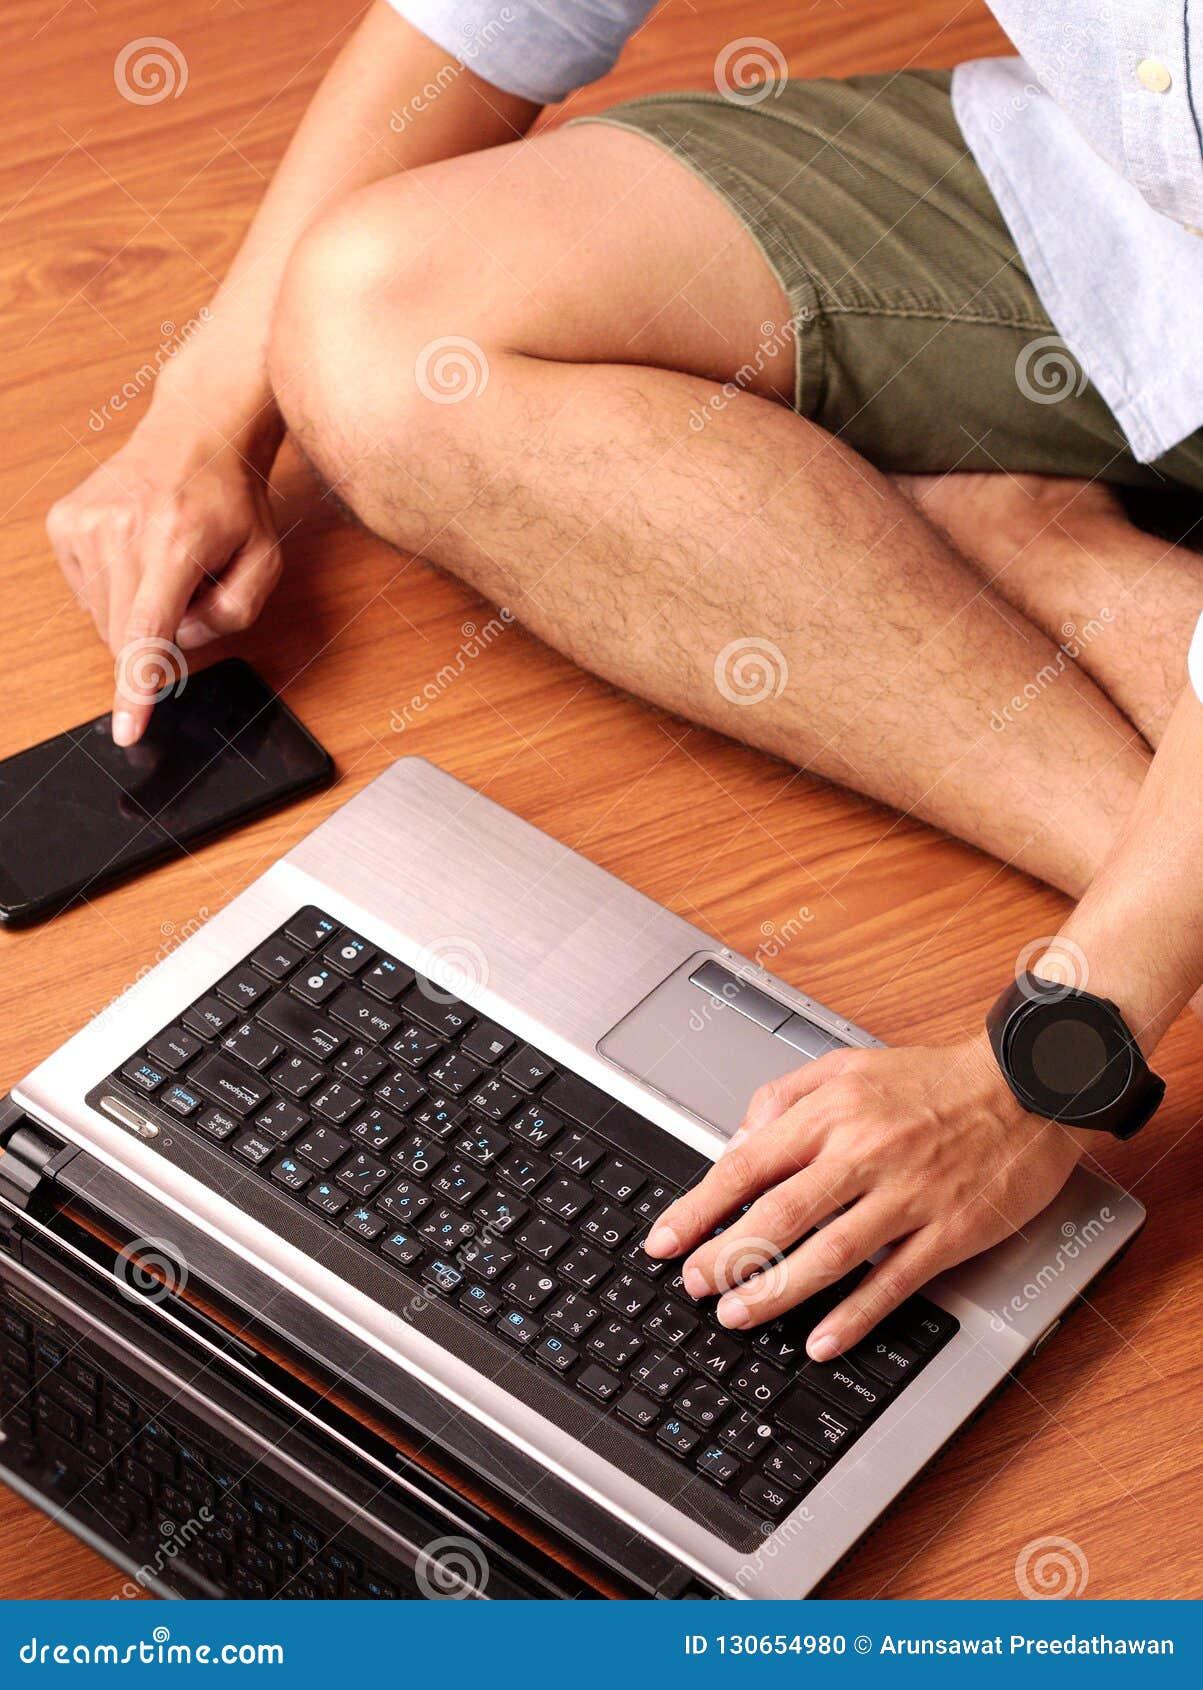 Close-up van mensenzitting het typen op keybord van zijn laptop en zijn smartphone gelijktijdig